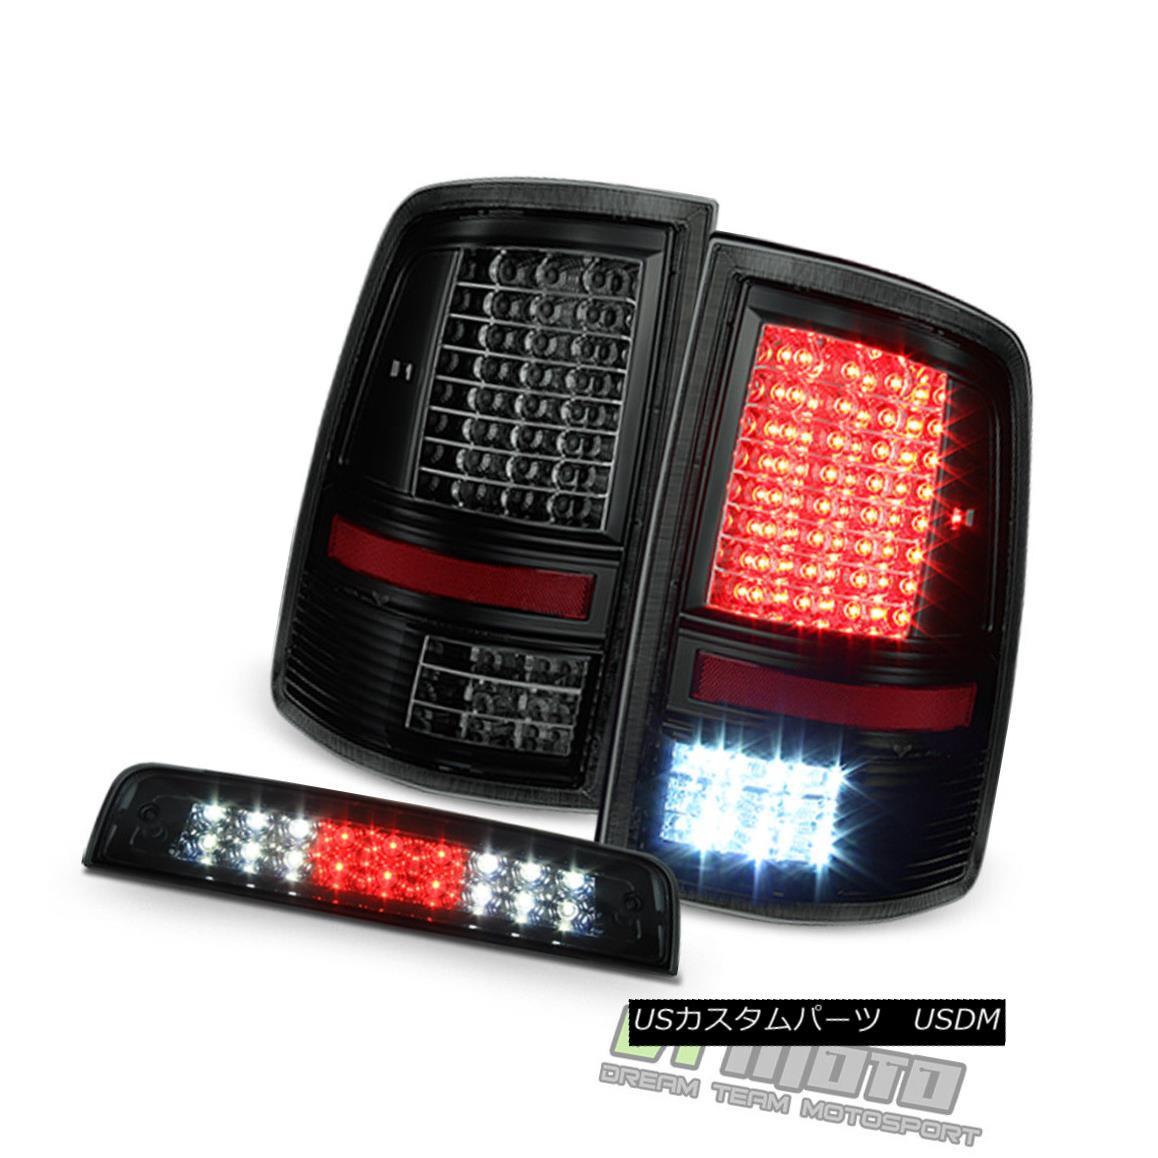 テールライト 2009-2017 Dodge Ram 1500 2500 3500 Full LED Tail Lights+Smoke LED 3rd Brake Lamp 2009-2017 Dodge Ram 1500 2500 3500フルLEDテールライト+スモークLED第3ブレーキランプ